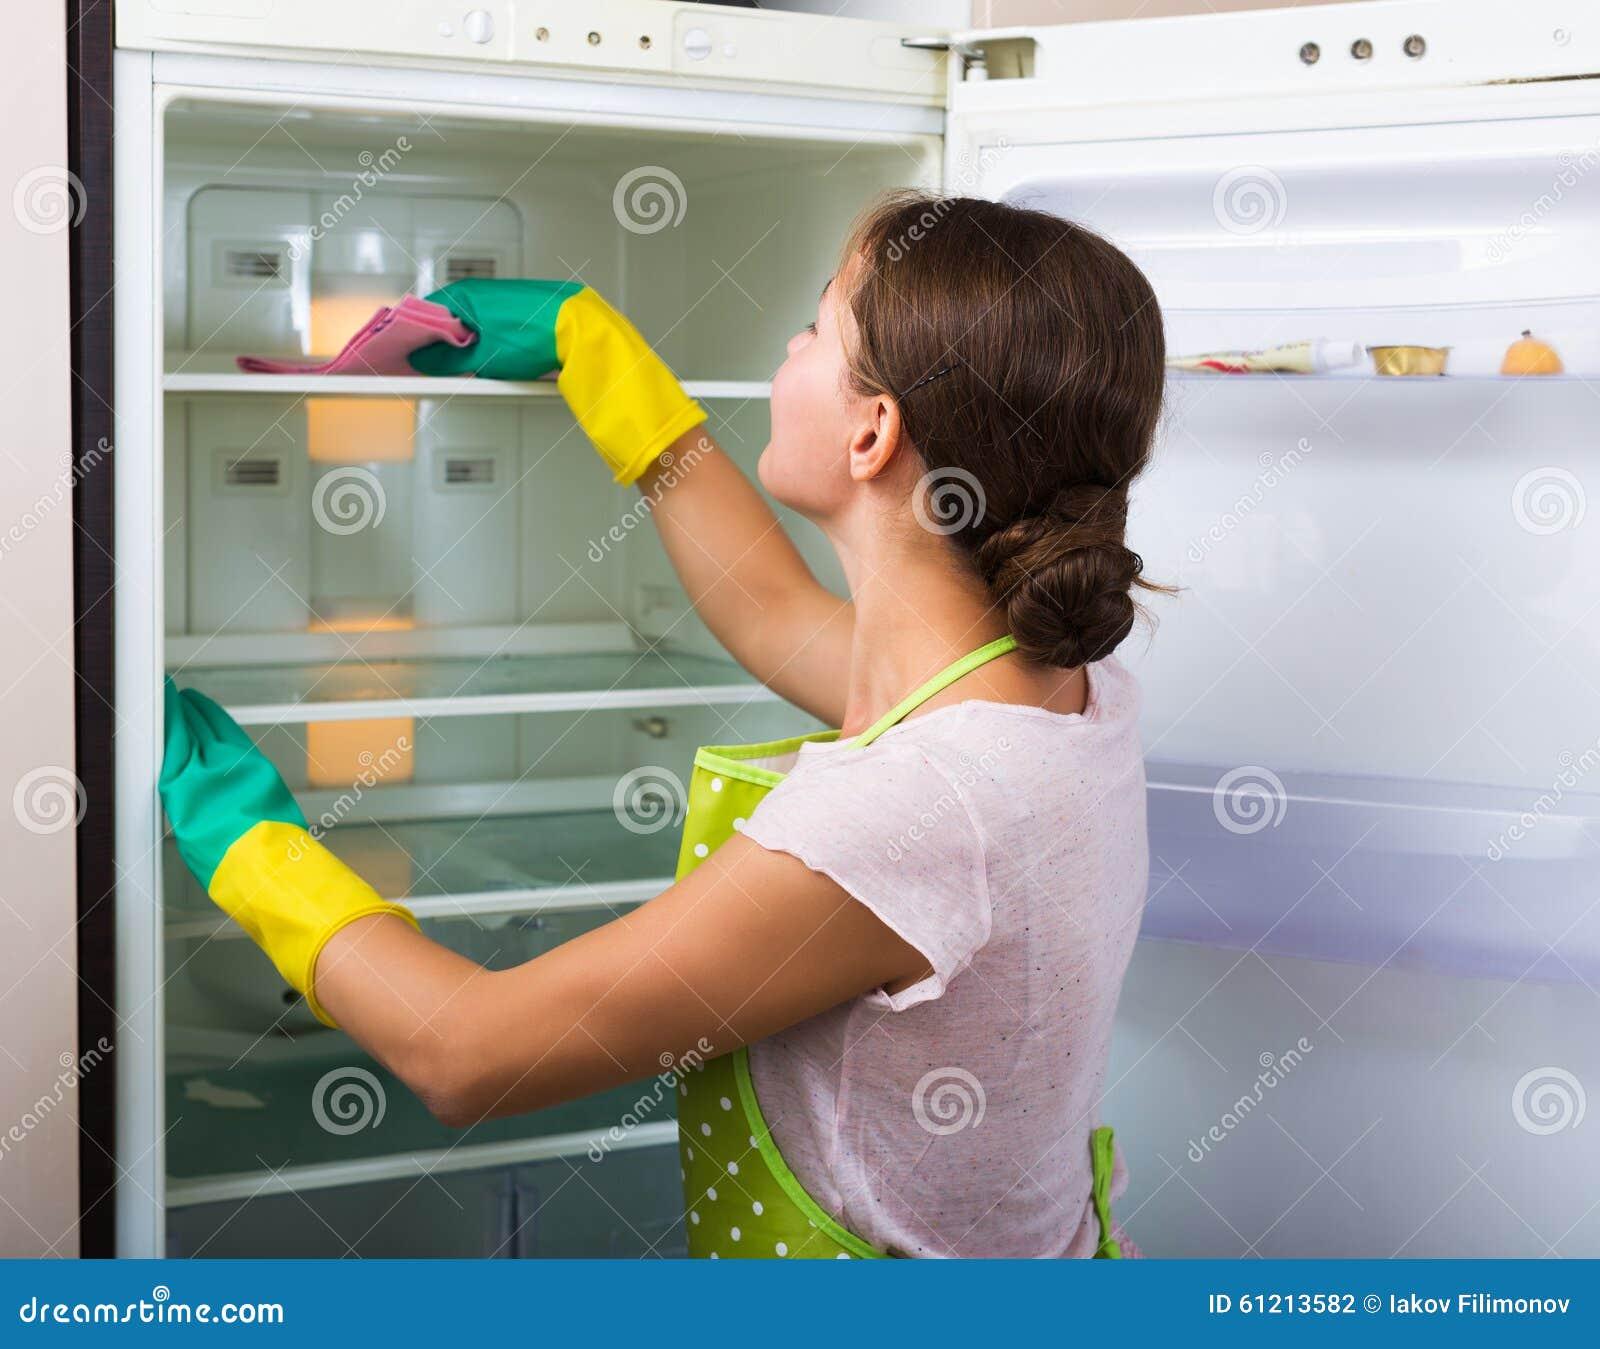 Refrigerador de la limpieza del ama de casa foto de - Fotos de limpieza de casas ...